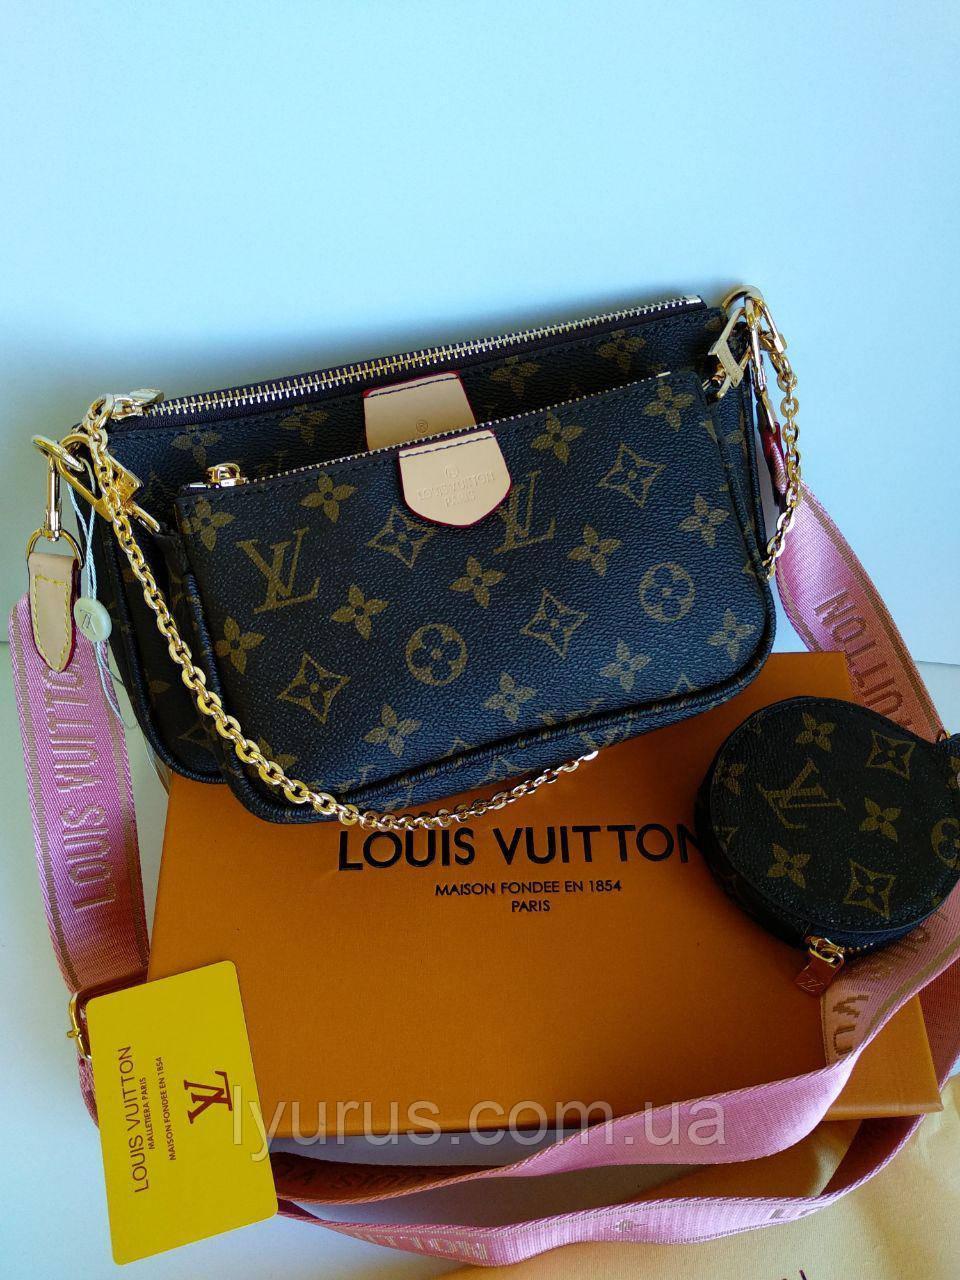 Женская сумка клатч Louis Vuitton 3 в 1